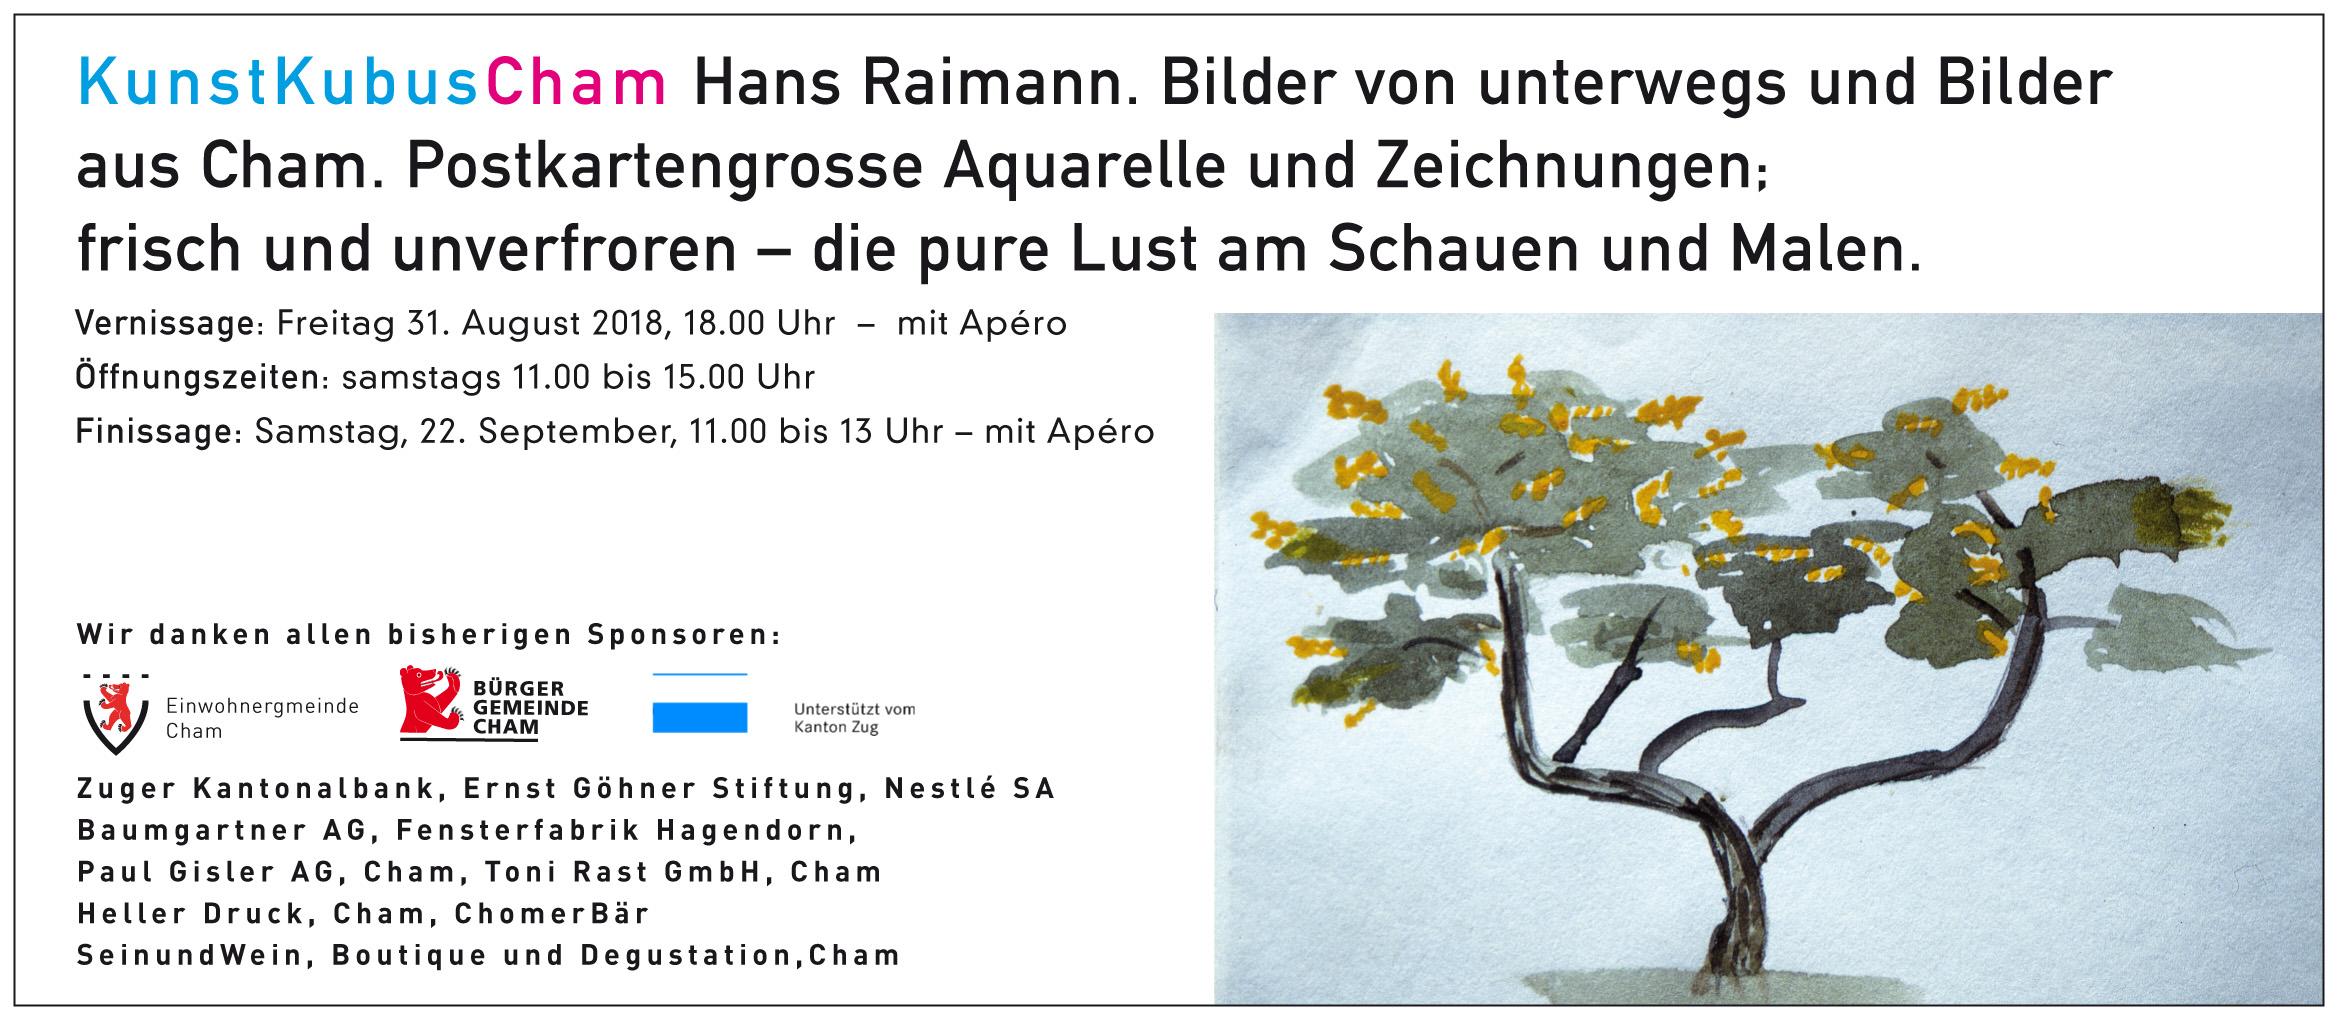 Hans Raimann - Aquarelle und Zeichnungen